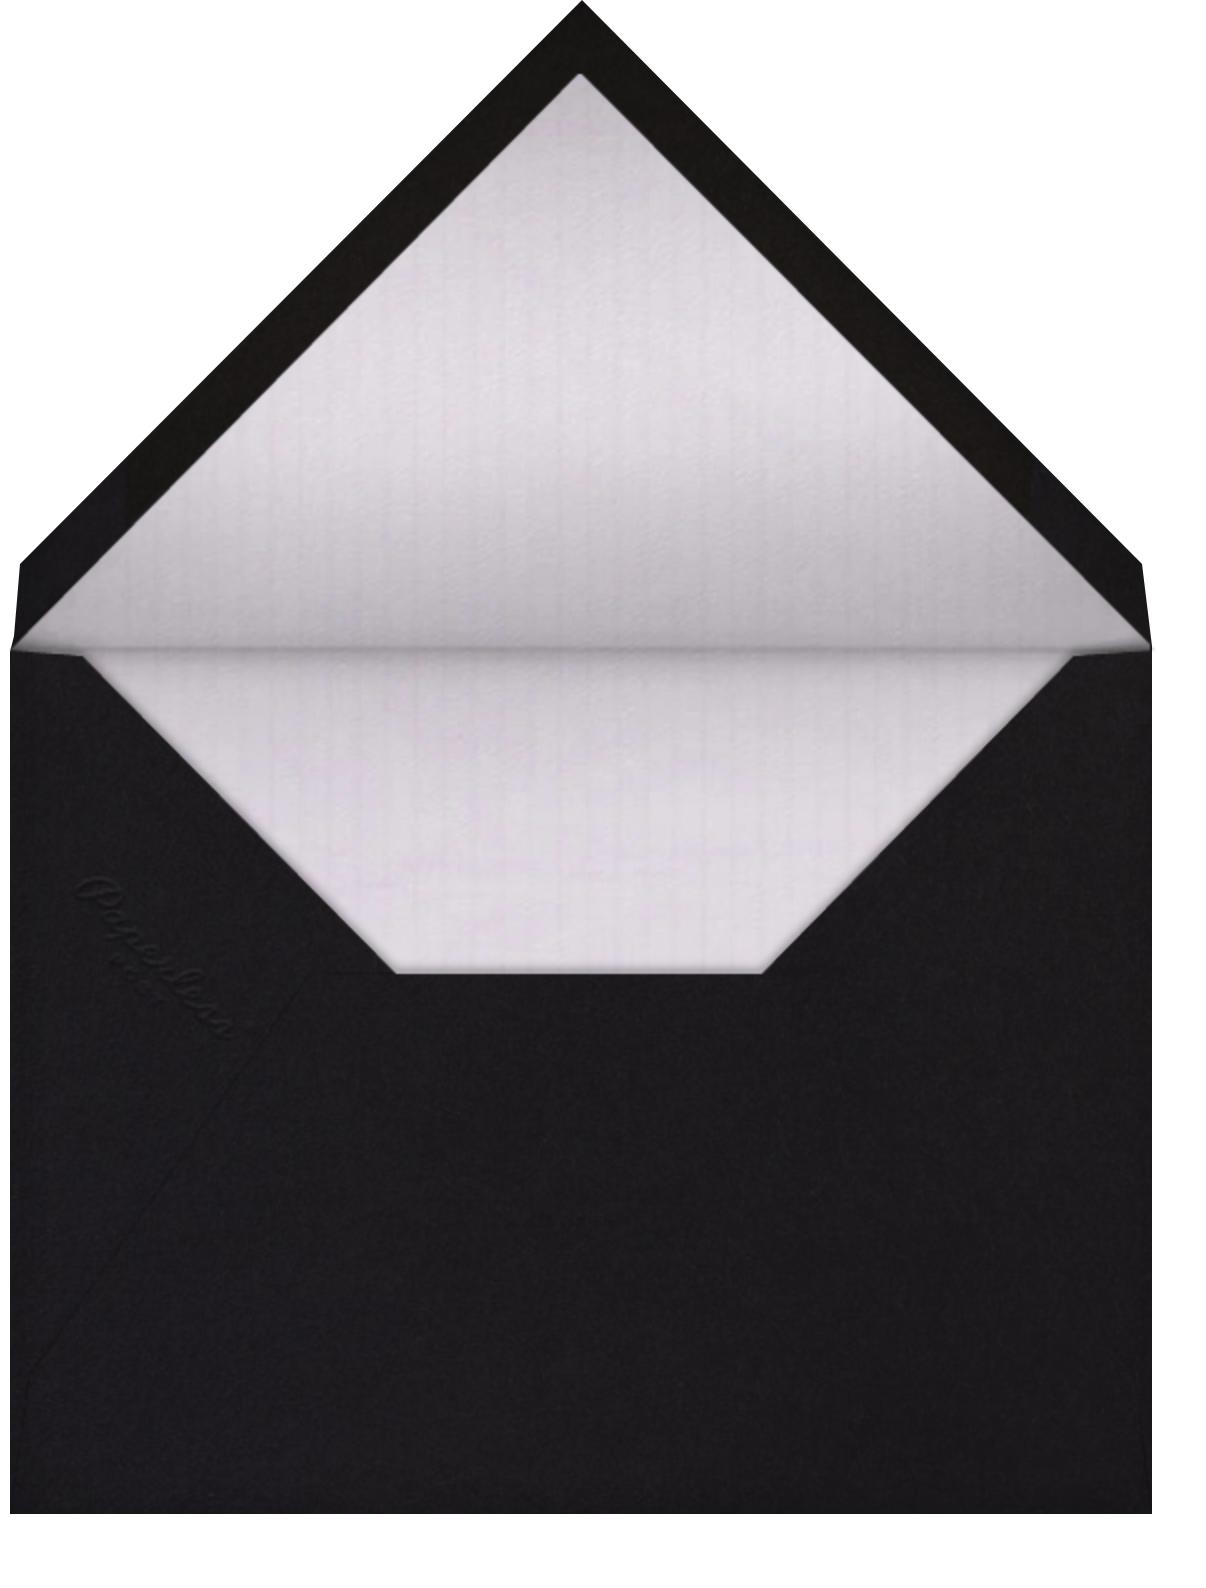 Cloaked Skeleton - John Derian - Envelope